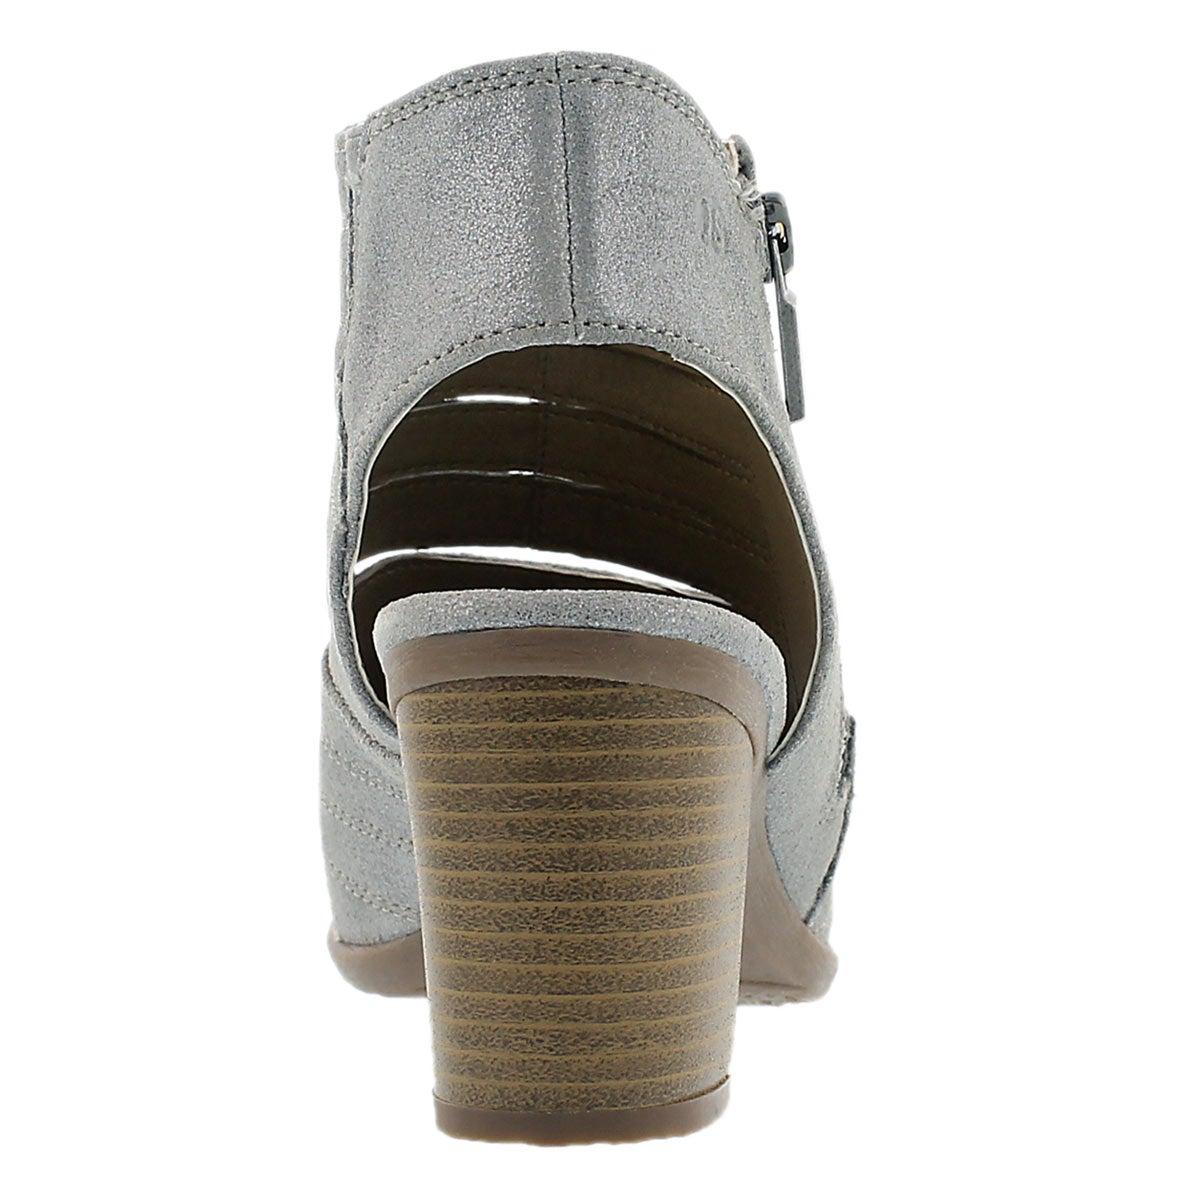 Lds Bonnie 15 silver cut out peep toe